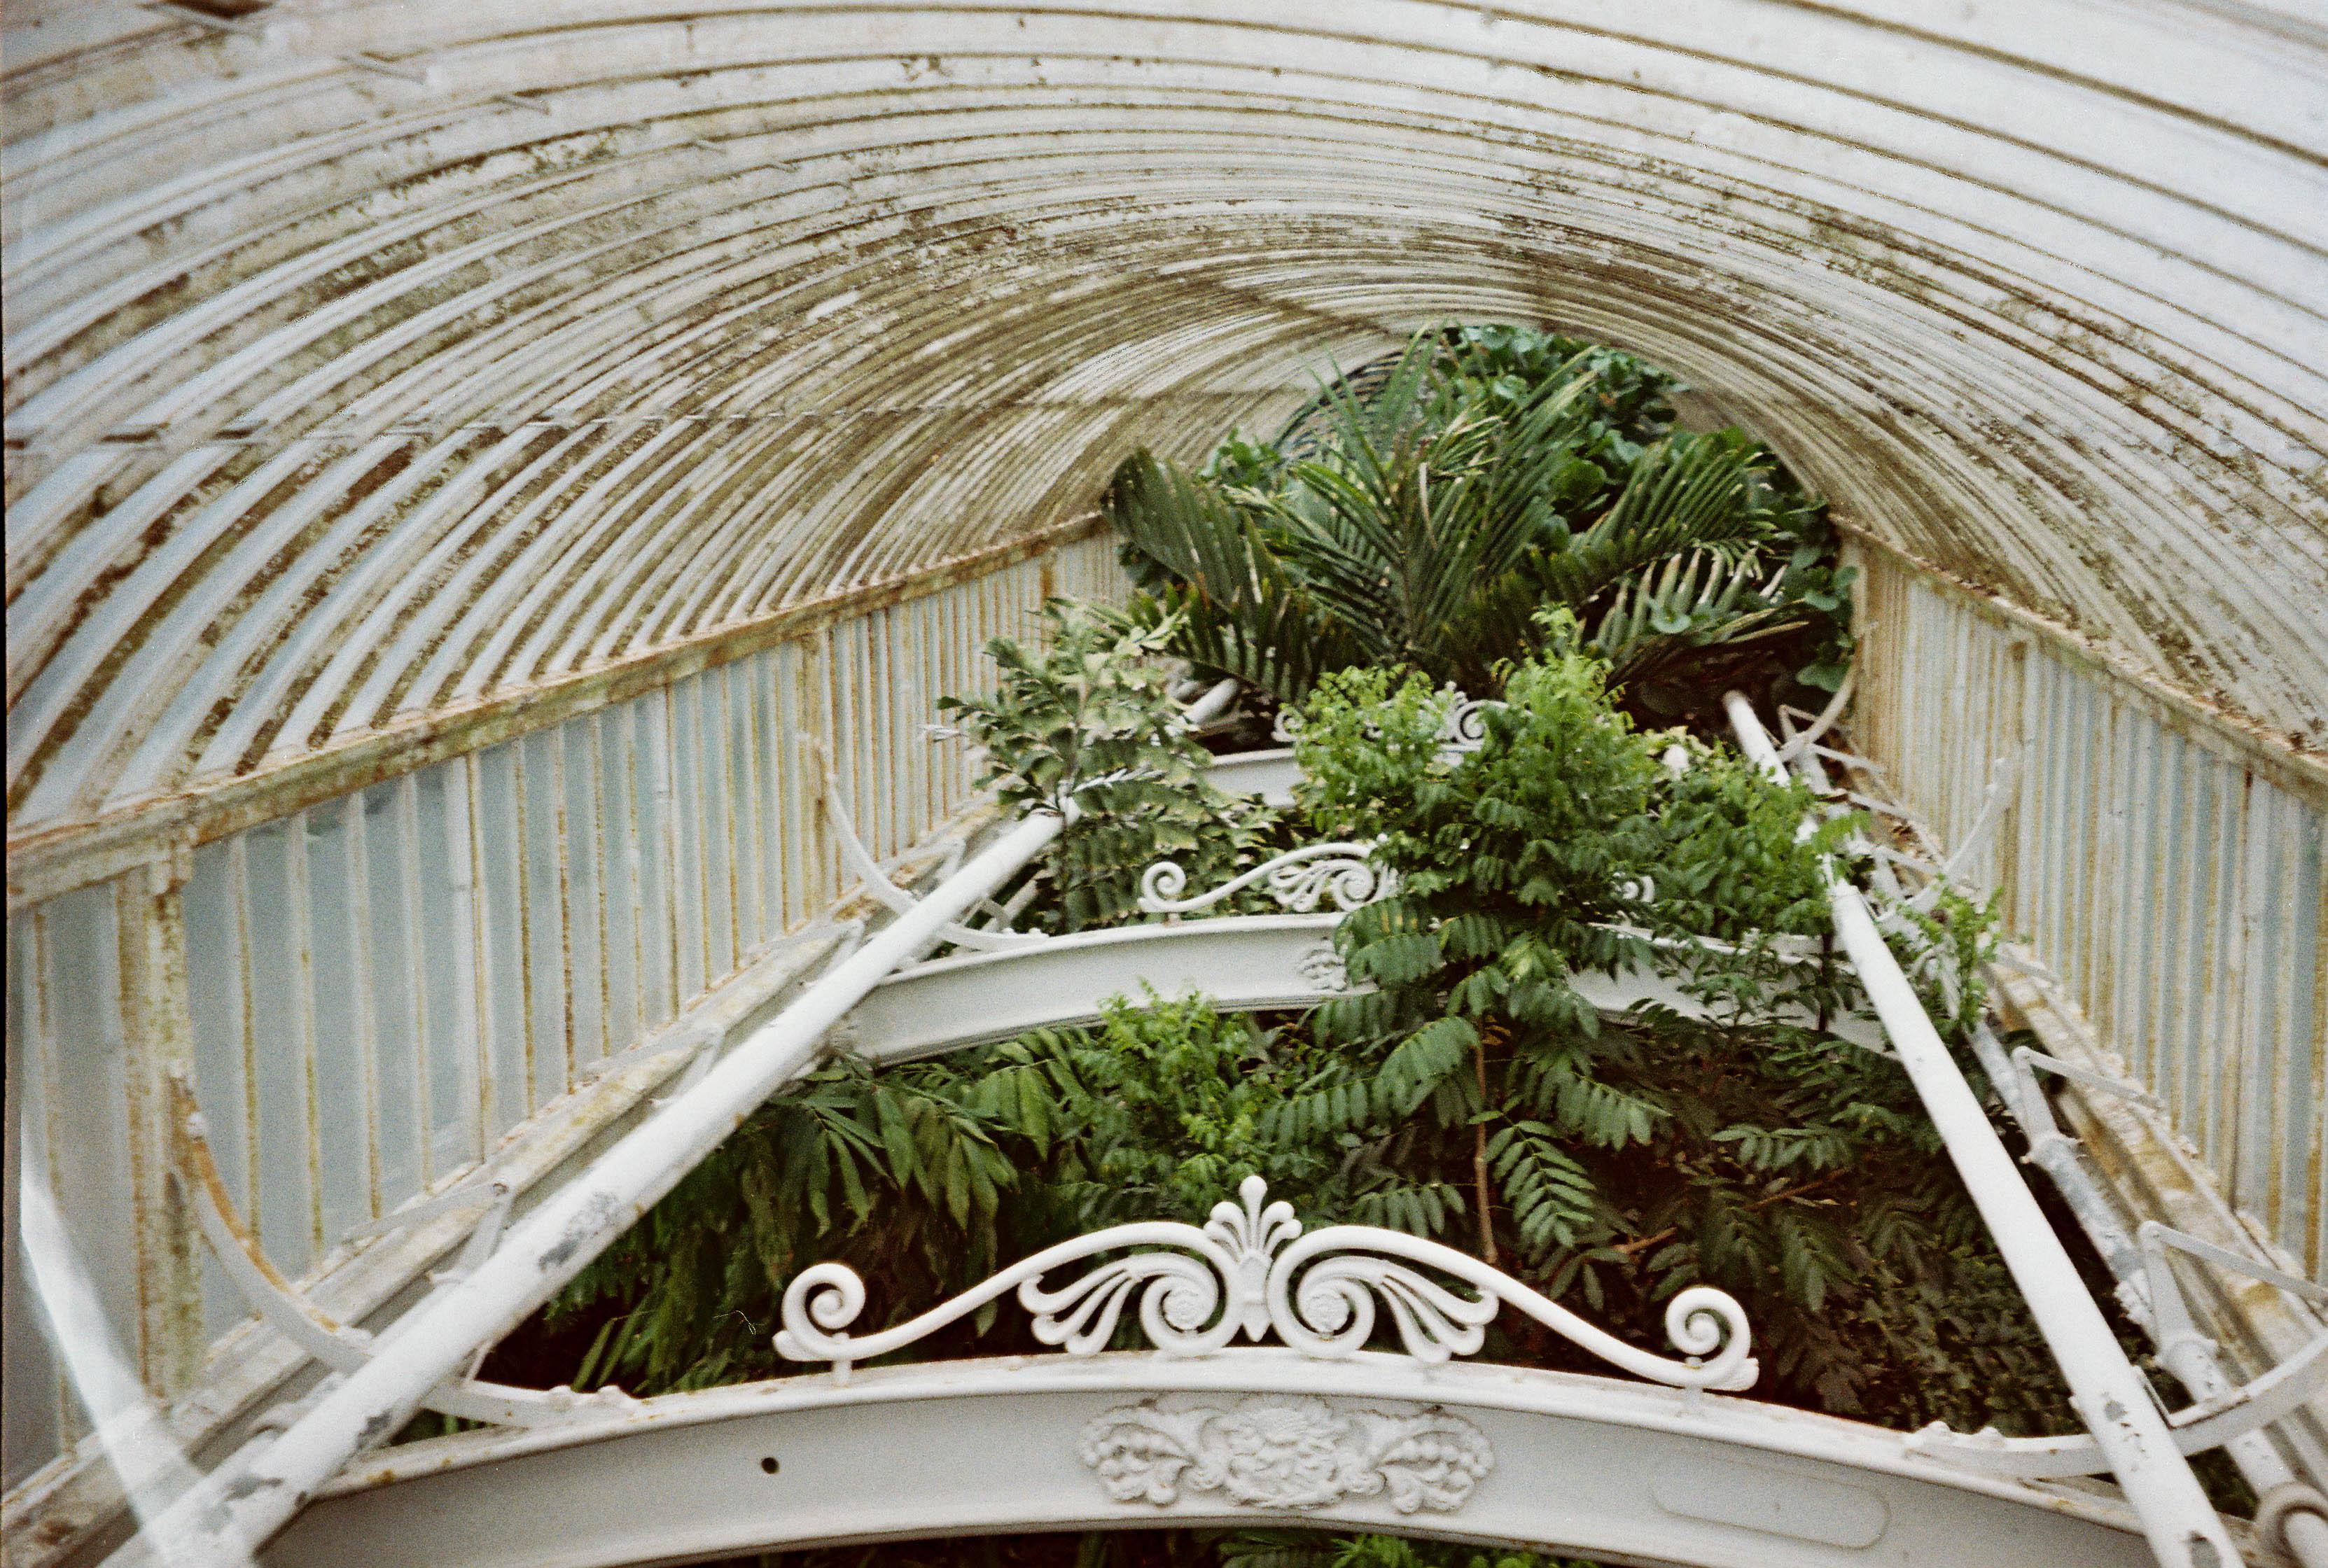 http://lafilladelfotografu.irenavisa.com/files/gimgs/107_cnv000029-1.jpg